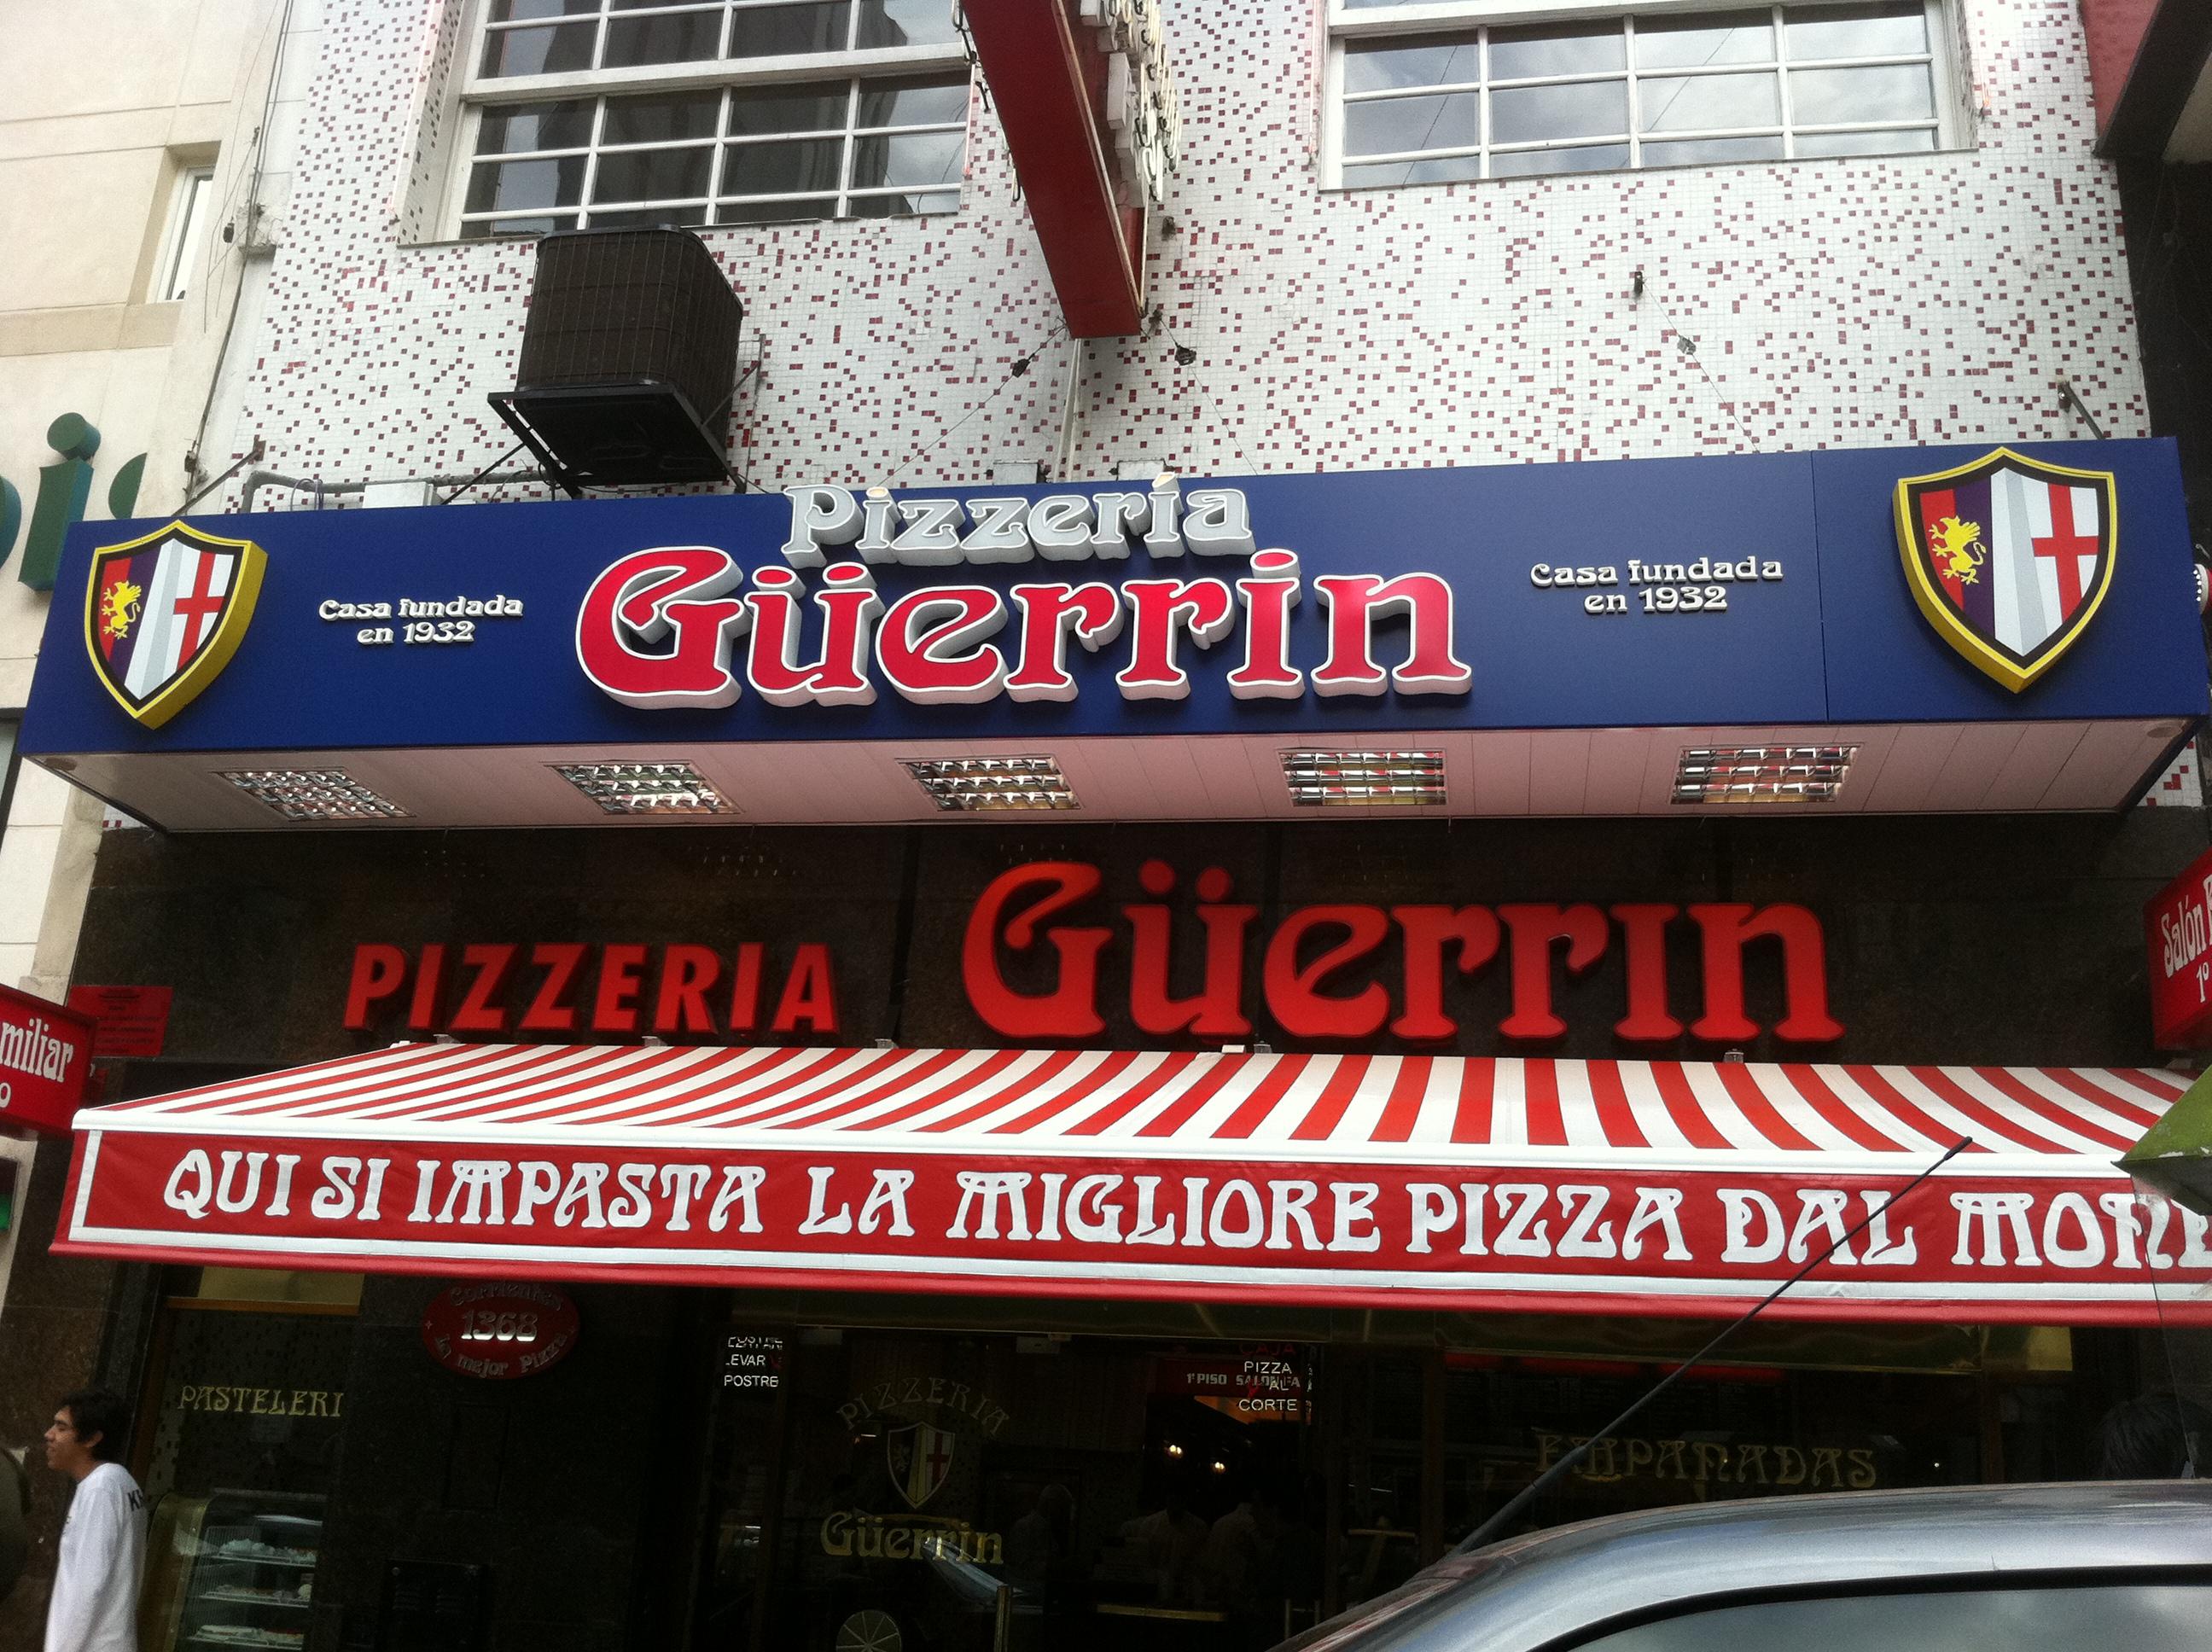 Pizzaria tradicional do país. Um bom lugar para se comer.